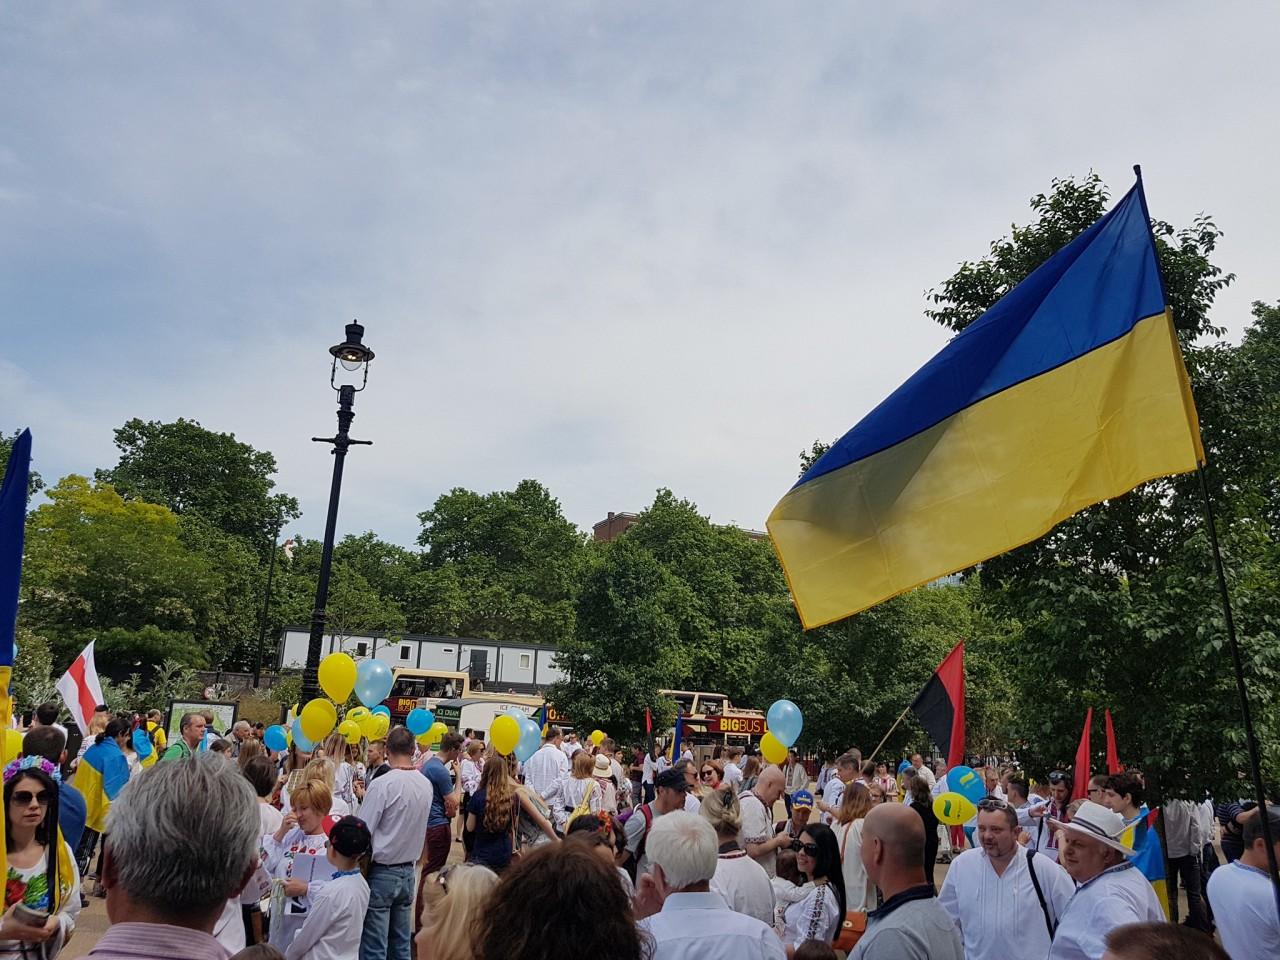 Українці у Лондоні відзначили День вишиванки маршем – новини на УНН ... 4ce18a7a6e9e5